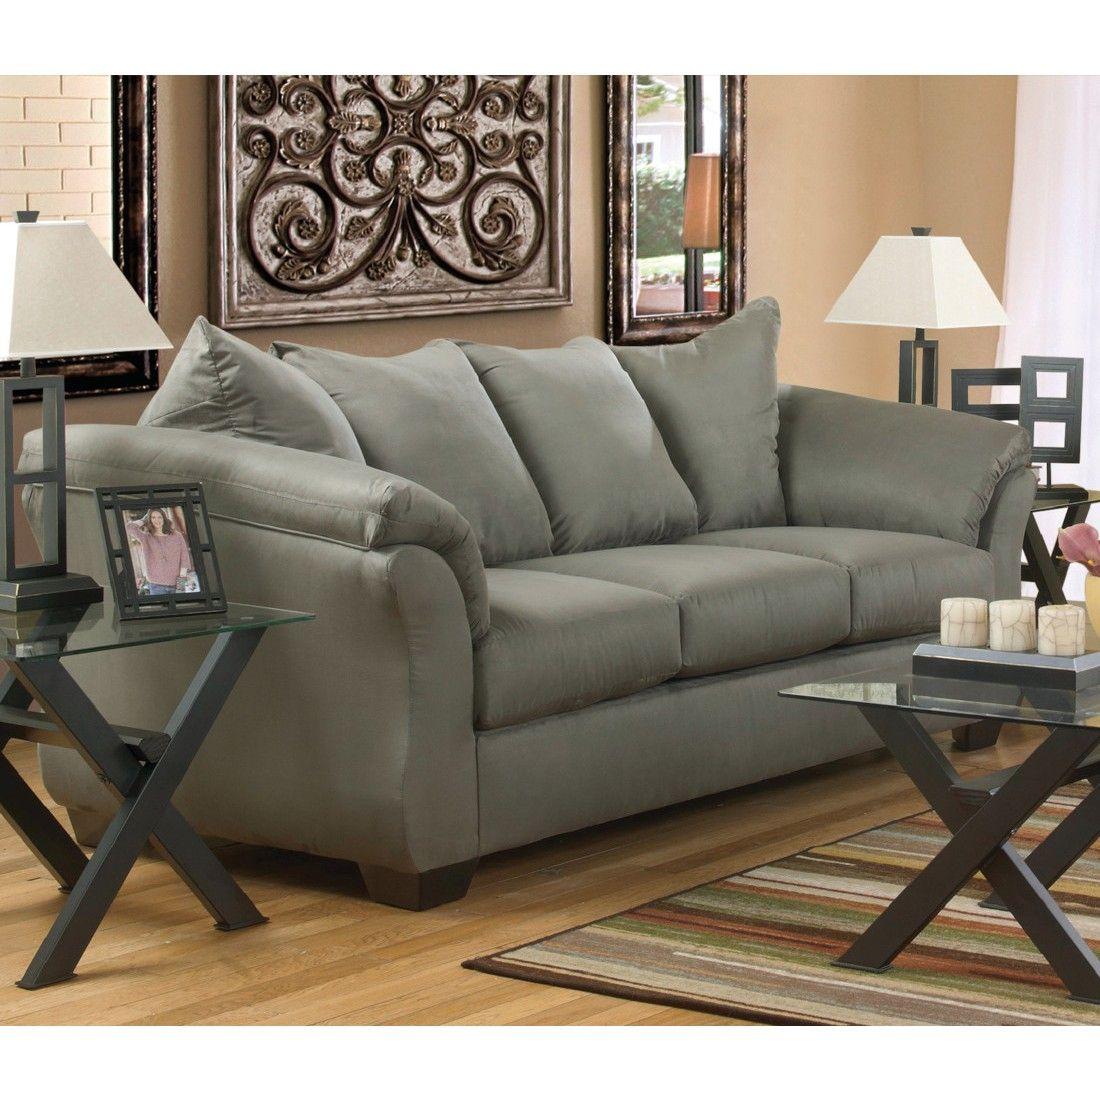 Titanic Furniture U412 Sofa In Gray Titanic Furniture Furniture